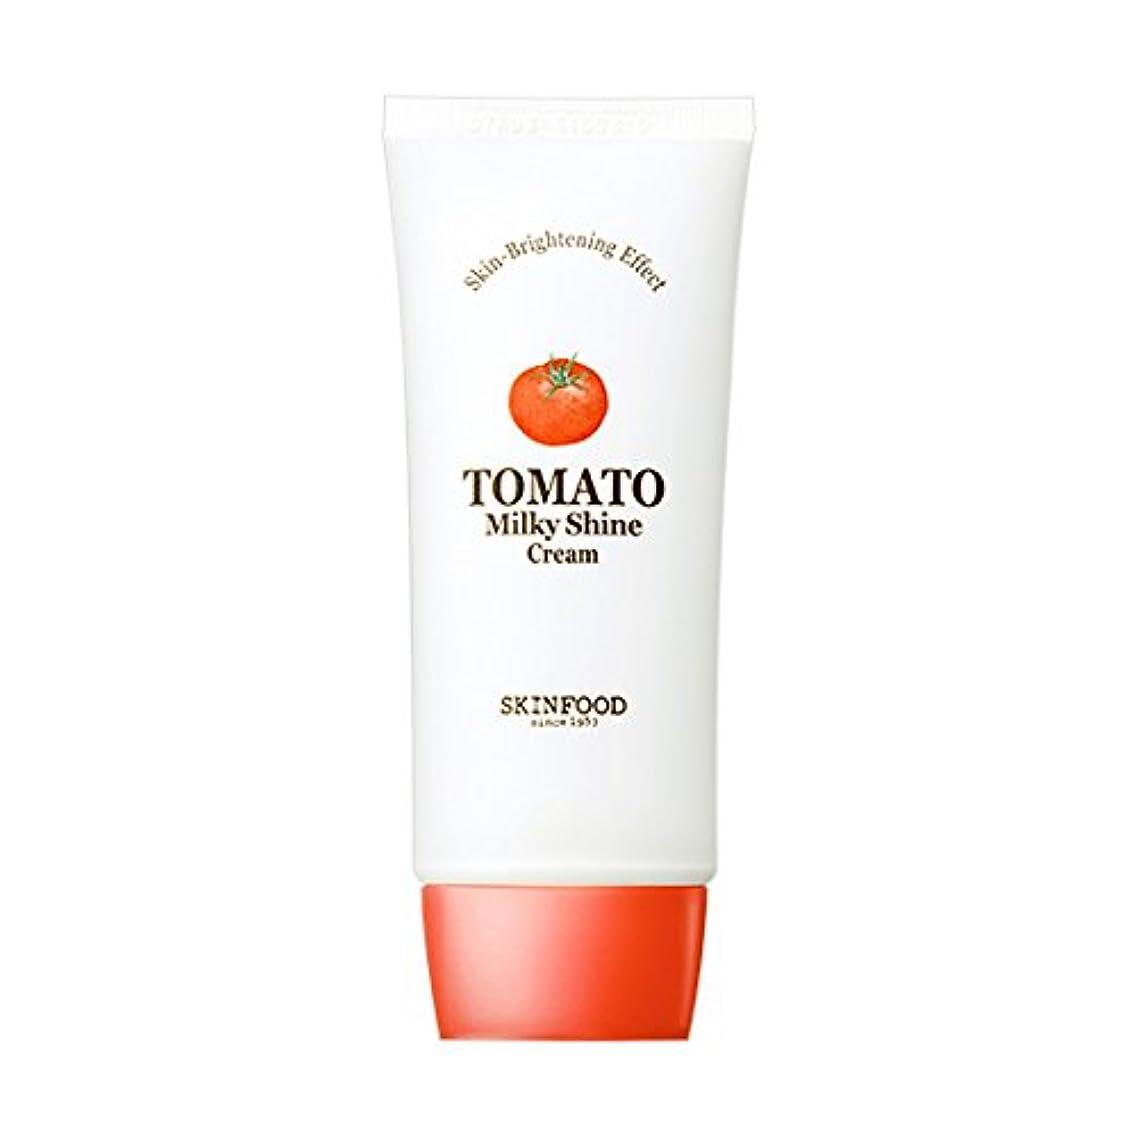 奨学金三十複雑Skinfood トマトミルキーシャインクリーム/omato Milky Shine Cream 50ml [並行輸入品]